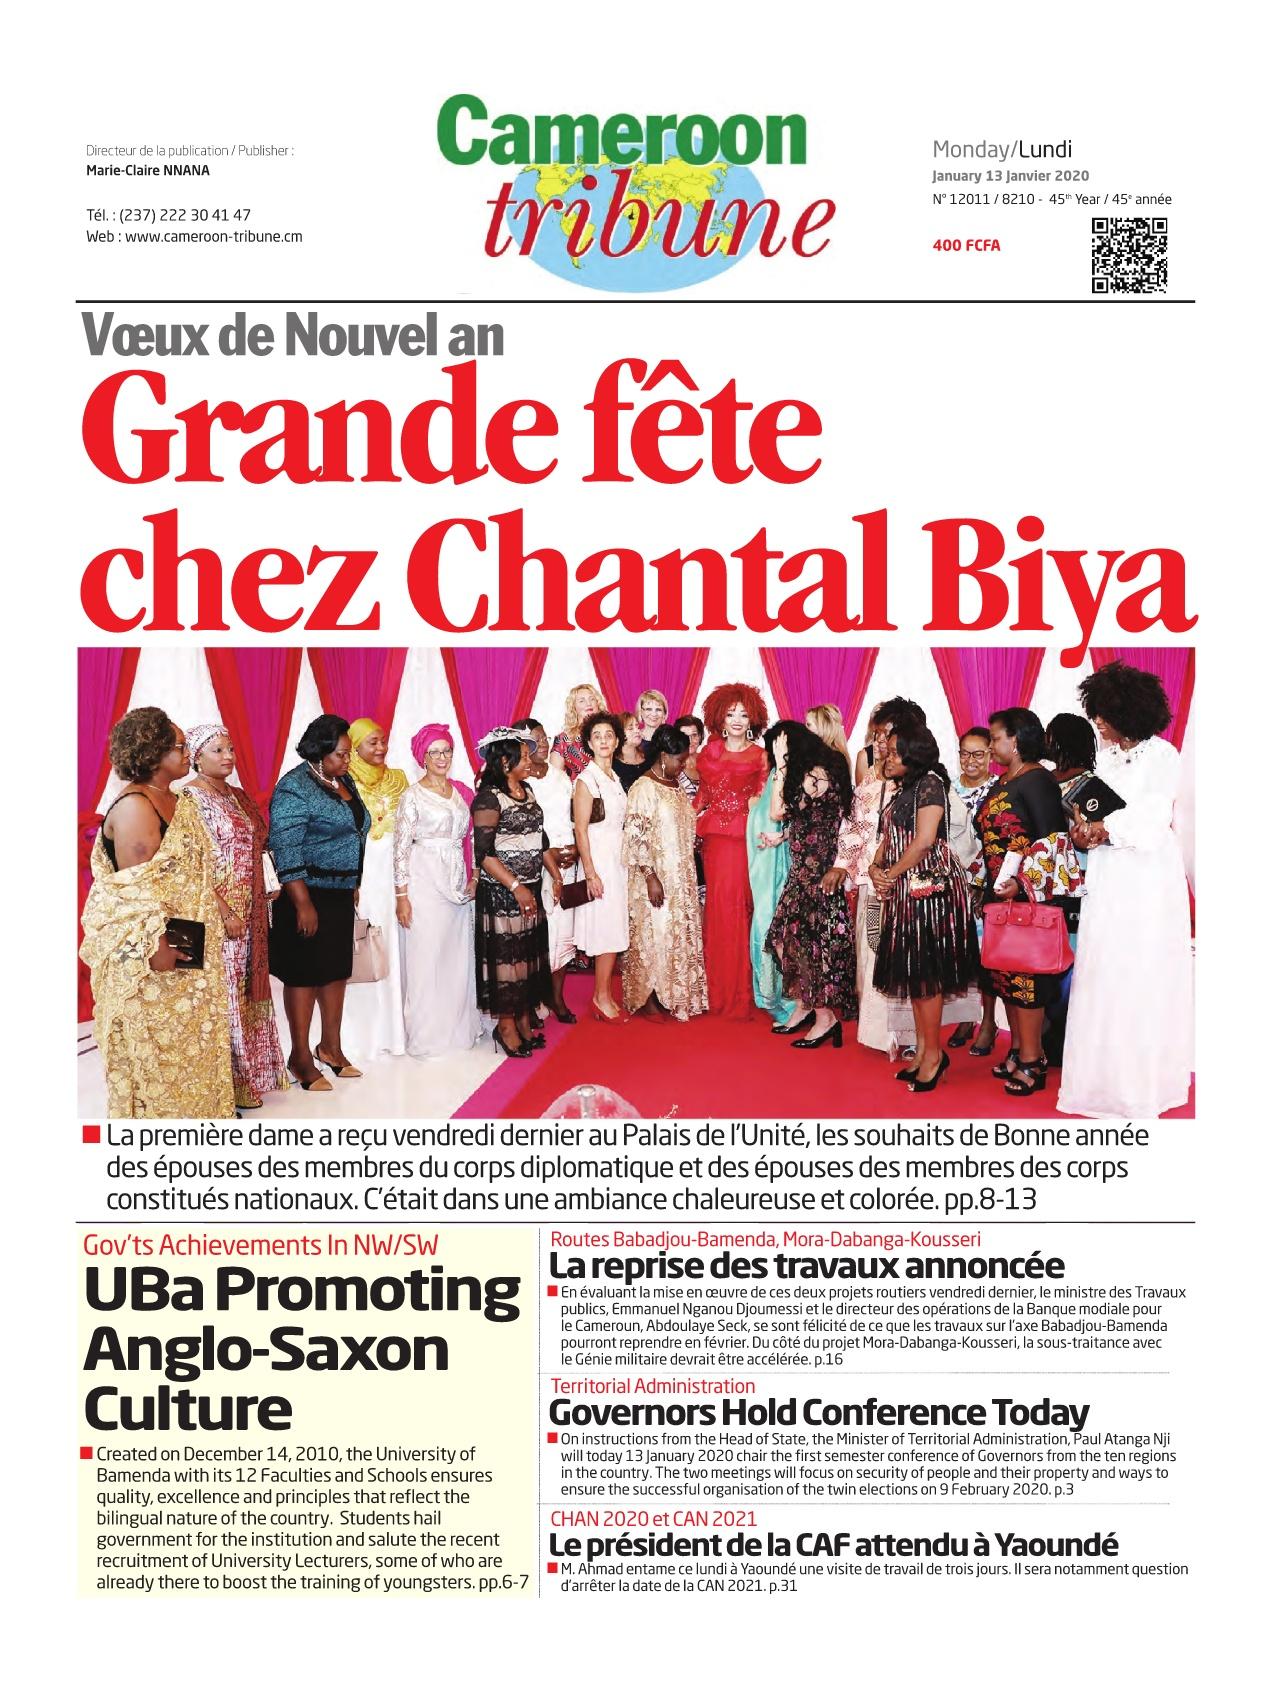 Cameroon Tribune - 13/01/2020